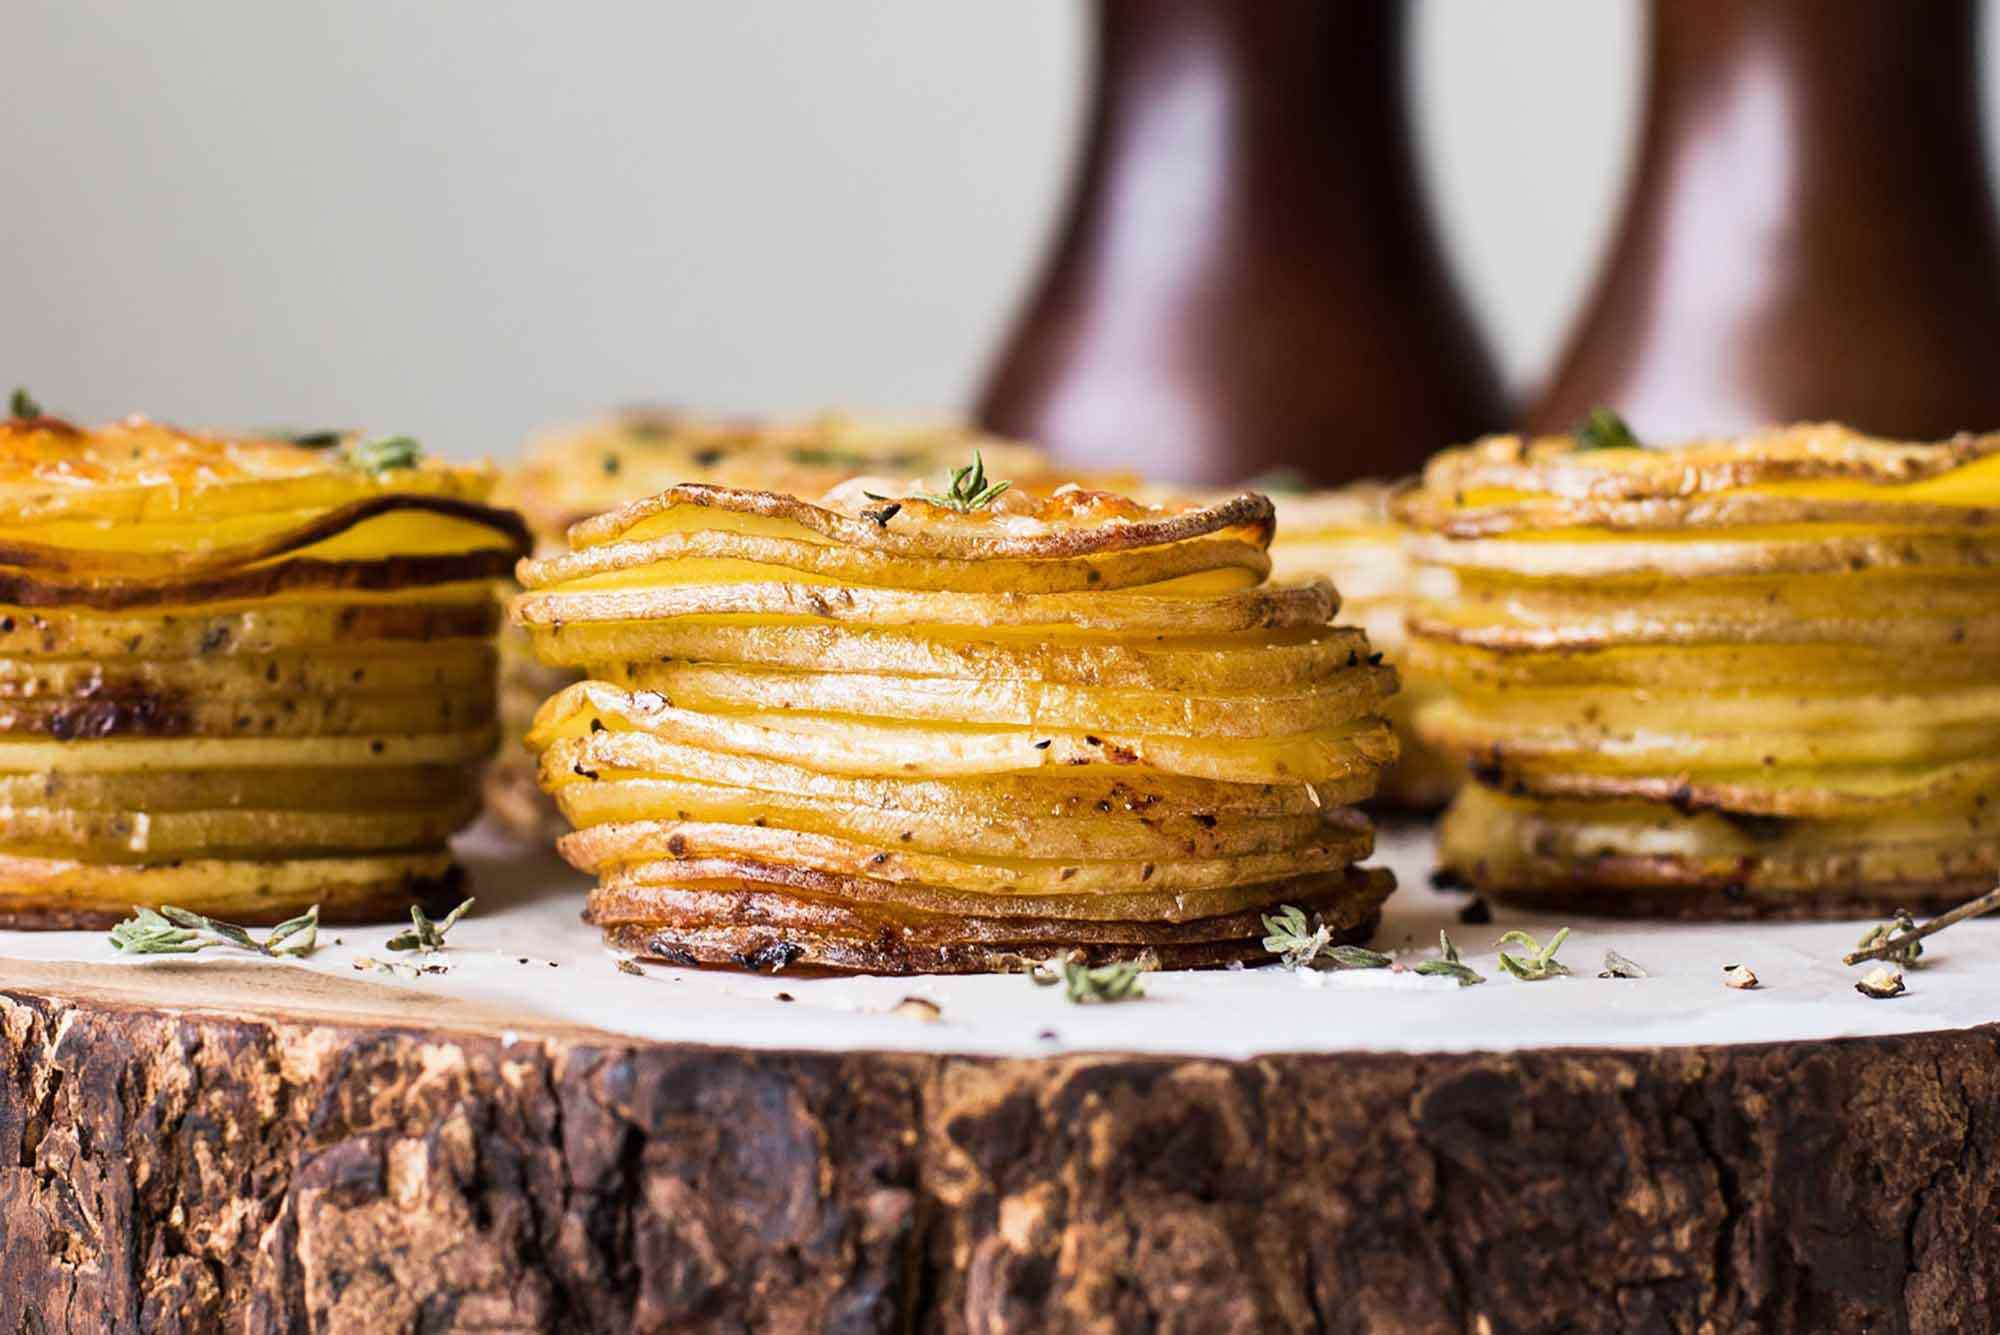 2016-12-08-potato-stacks-5